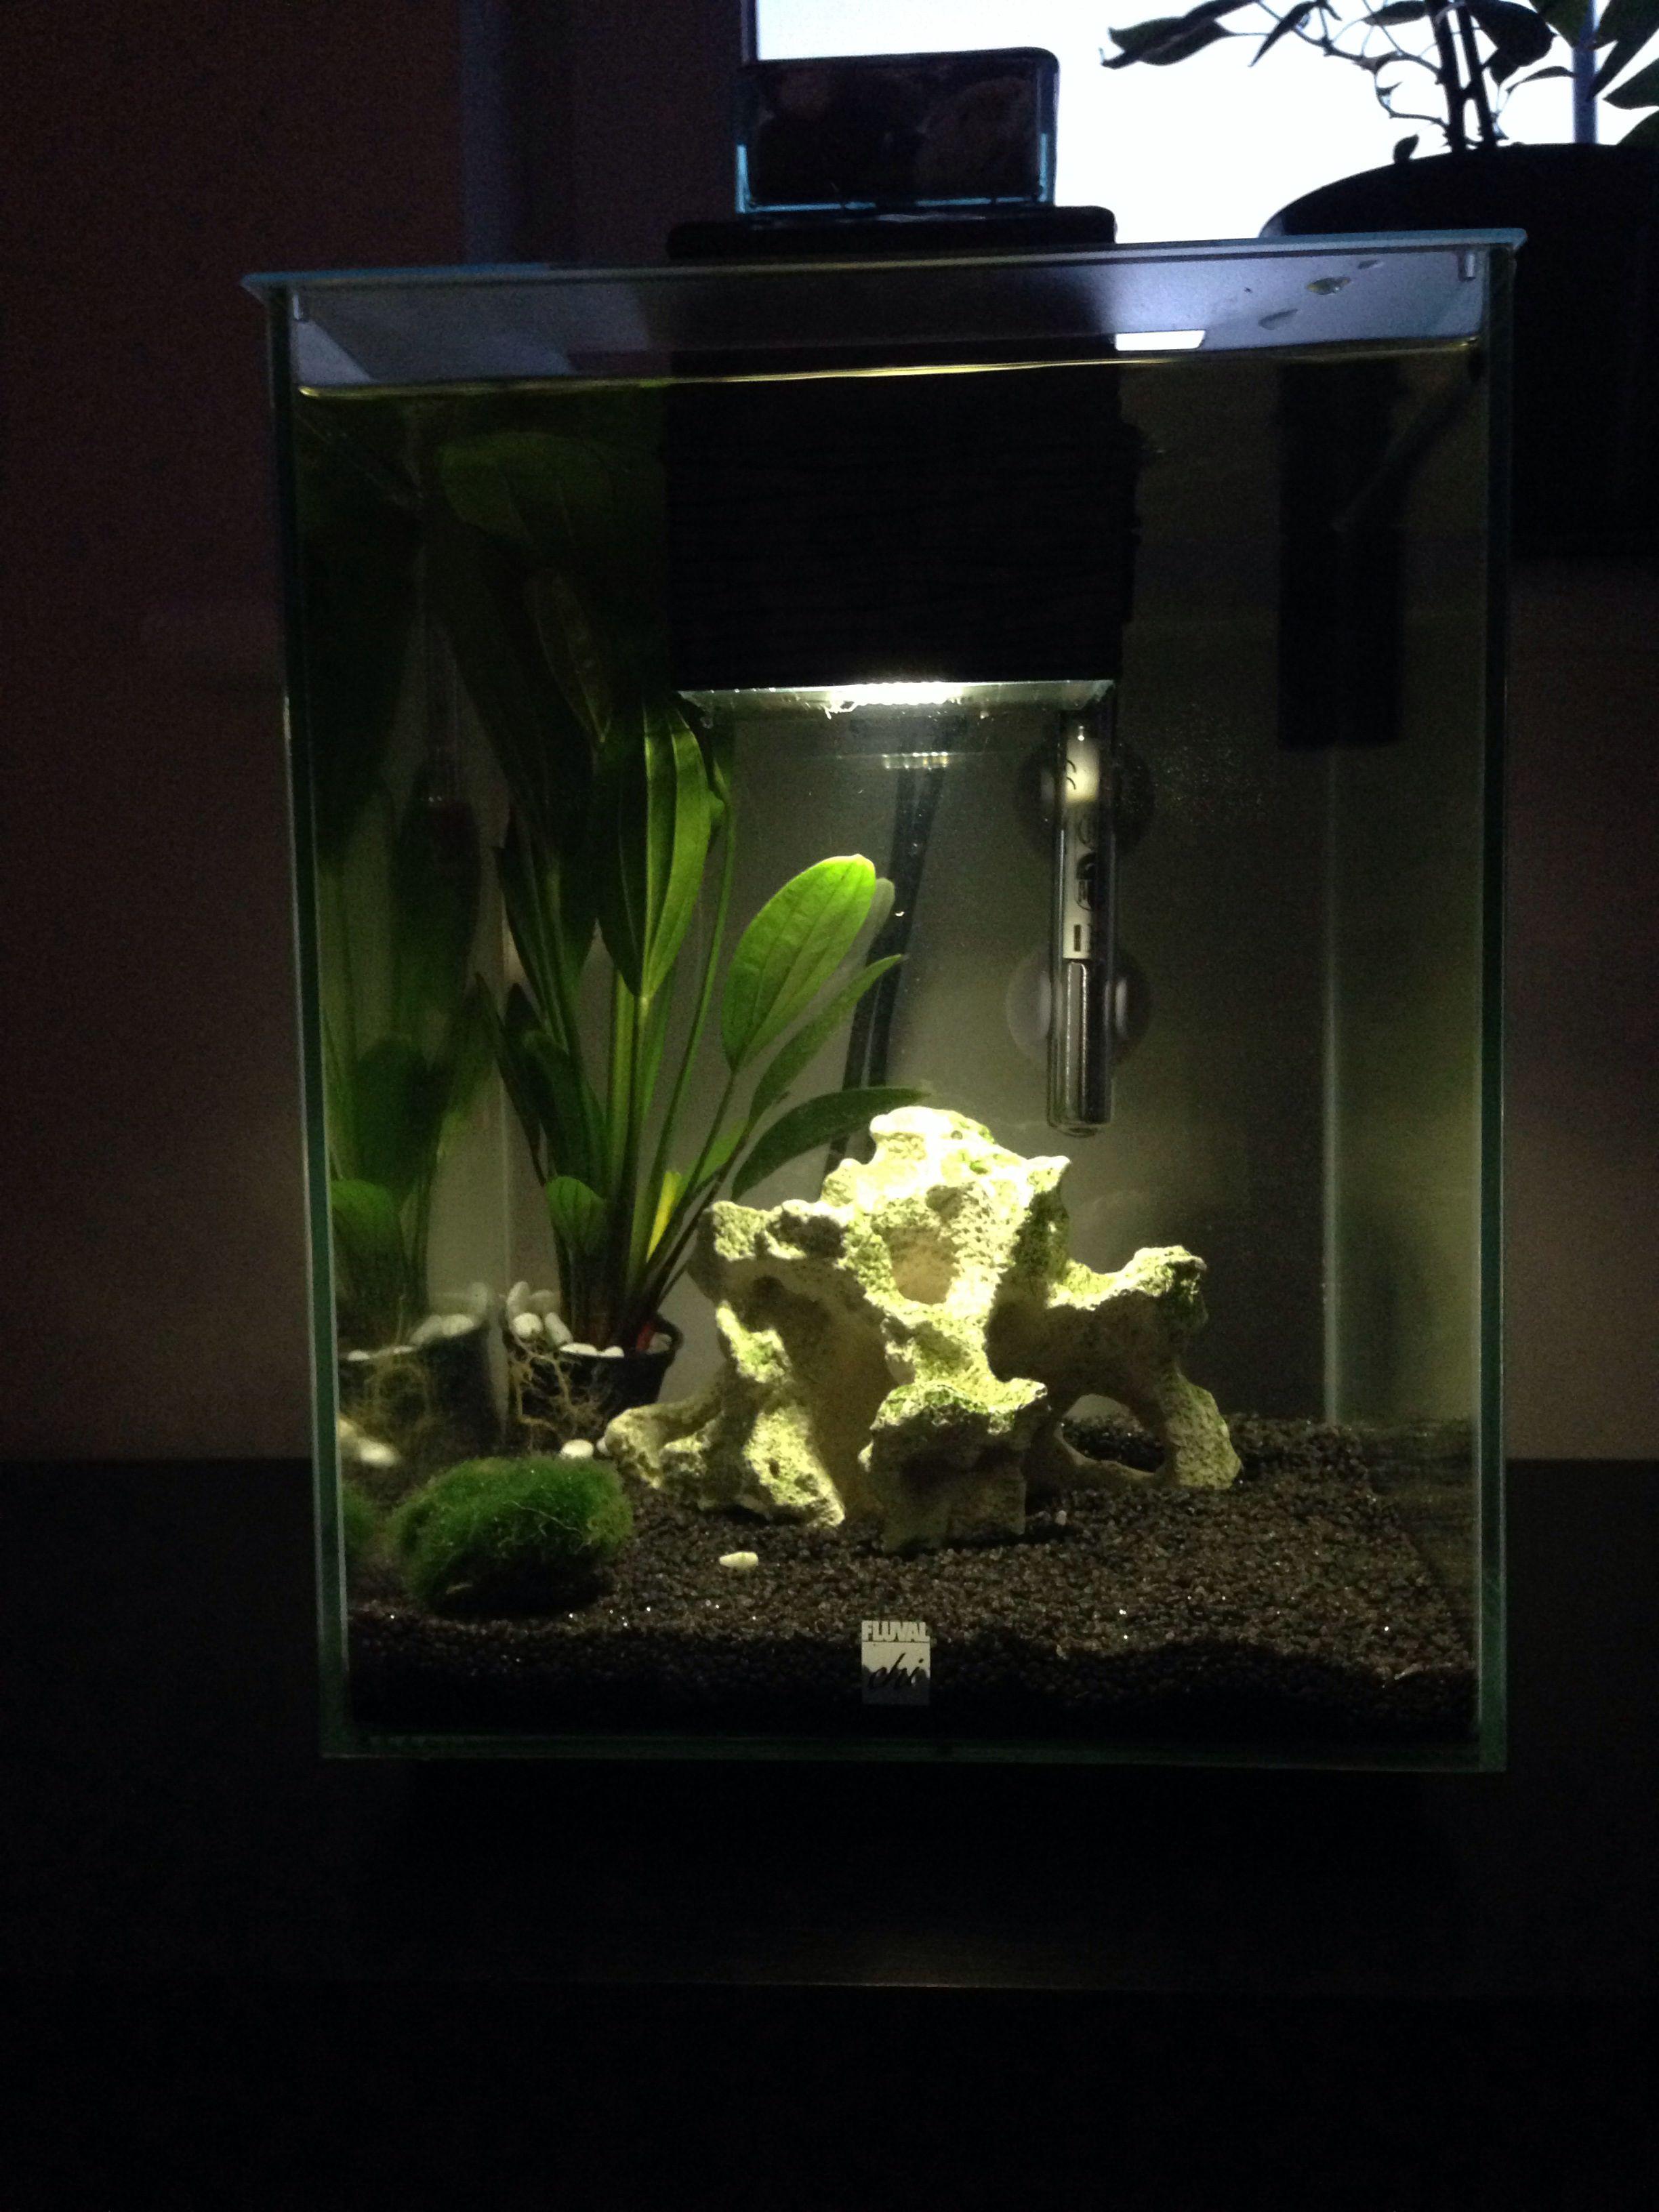 New set up for fluval chi | Aquascape, Fish tank, Aquarium